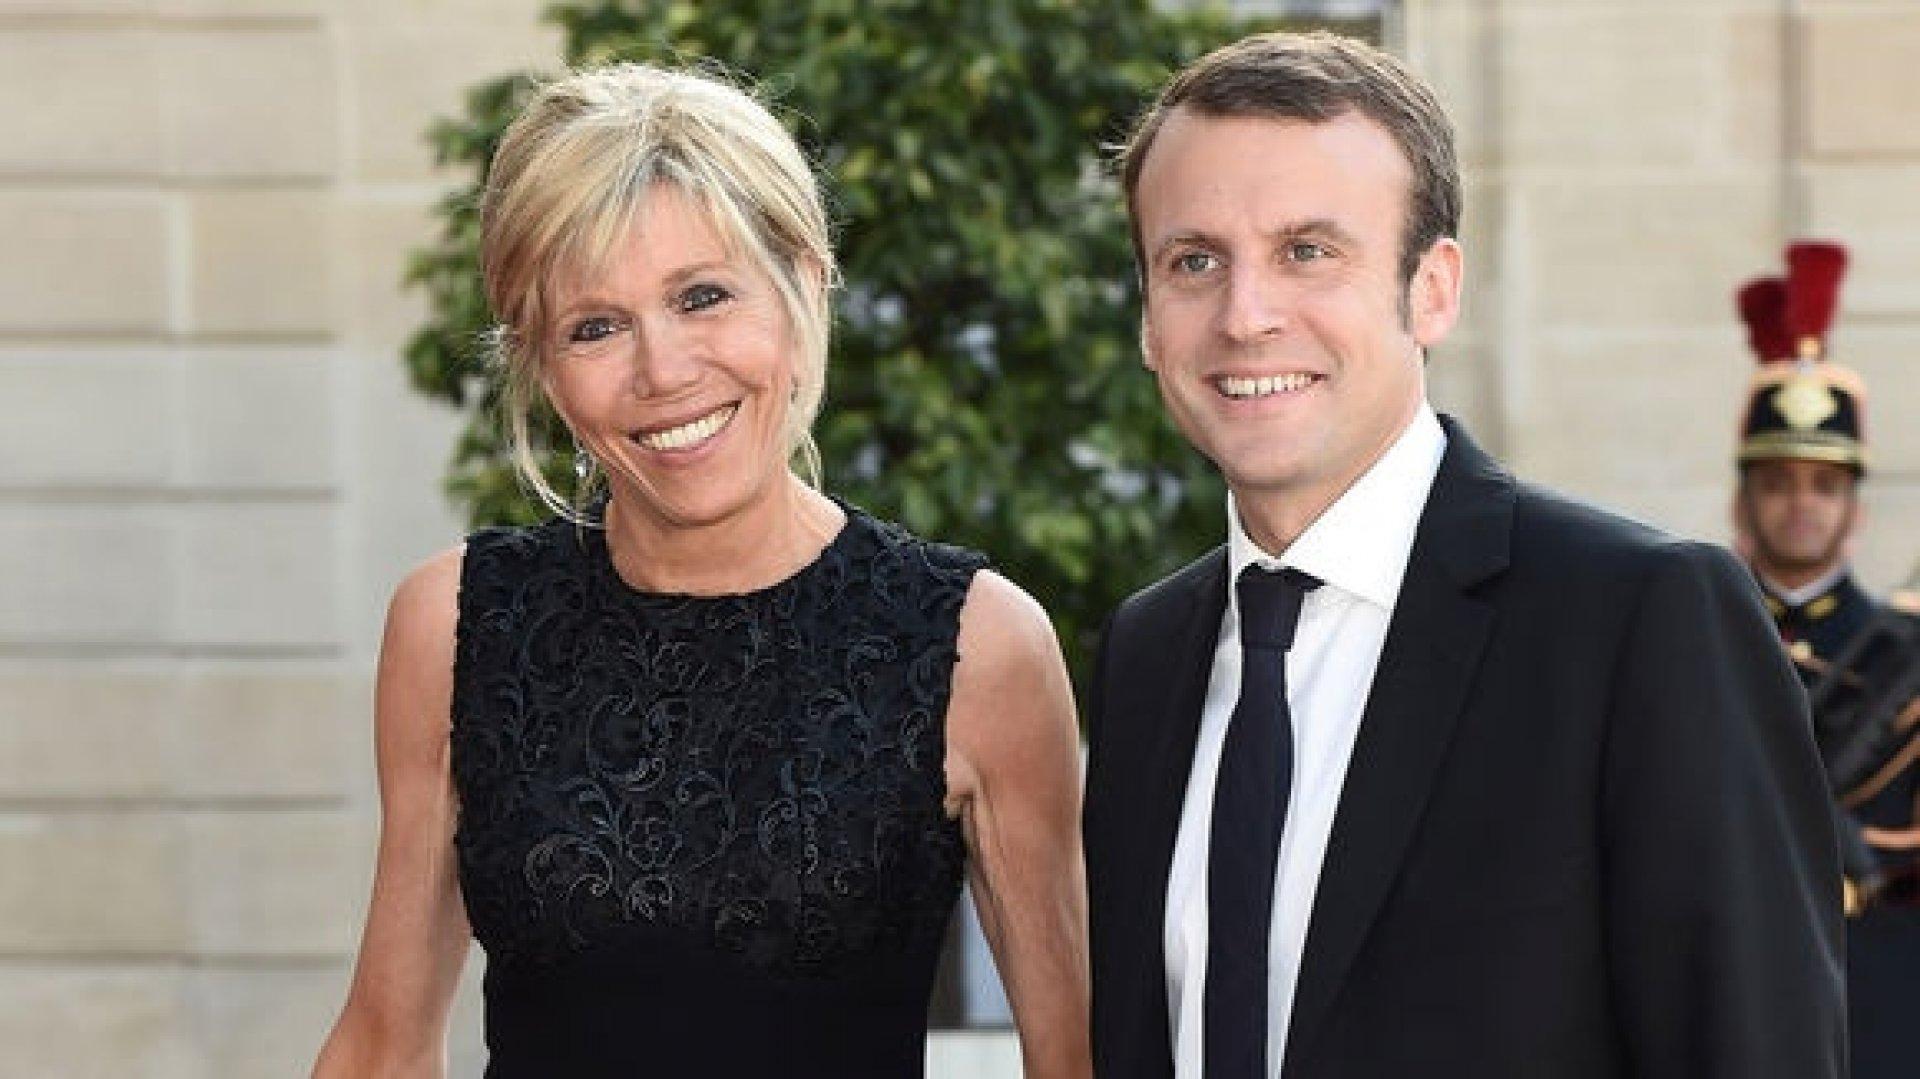 Casada con emmanuel macron, actual presidente de francia, se ha convertido en una abanderada del chic francés con estilismos en los que su espíritu juvenil queda patente. The 64-year-old wife of Emmanuel Macron getting used to ...